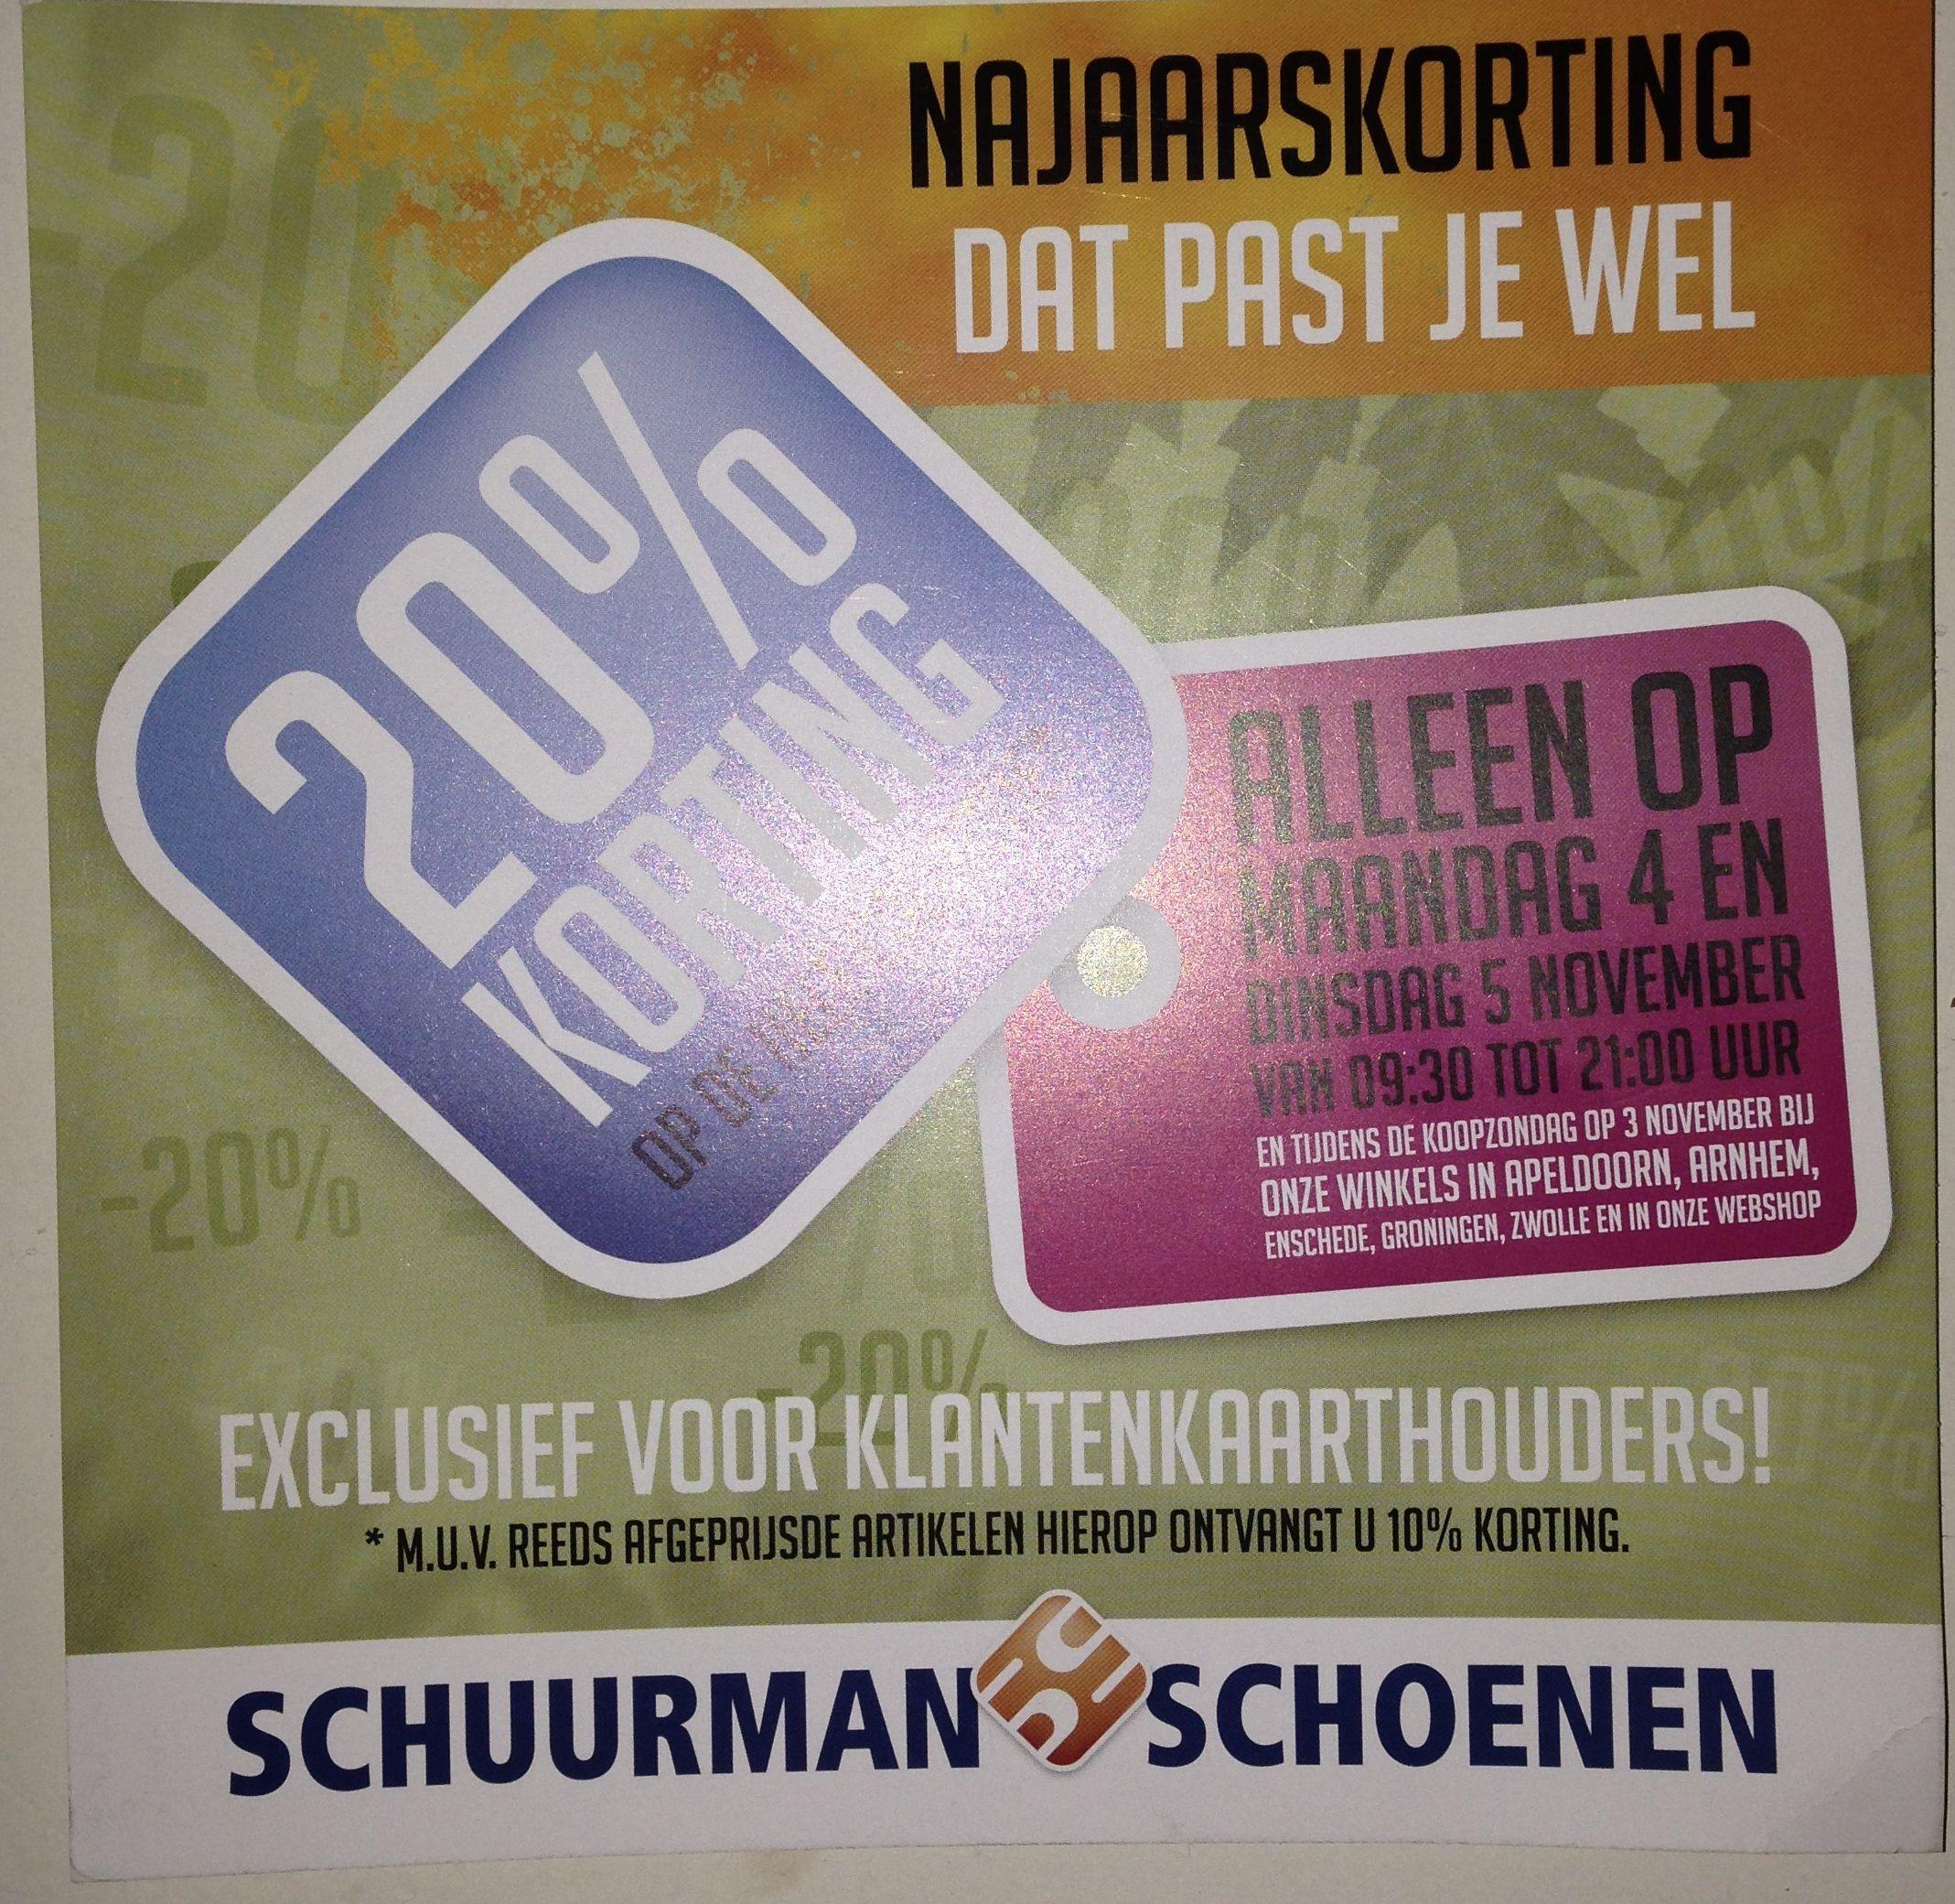 3c41b4e3e1b Flyer van Schuurman schoenen. Ook dit vind ik een sterke flyer, wat het  sterk